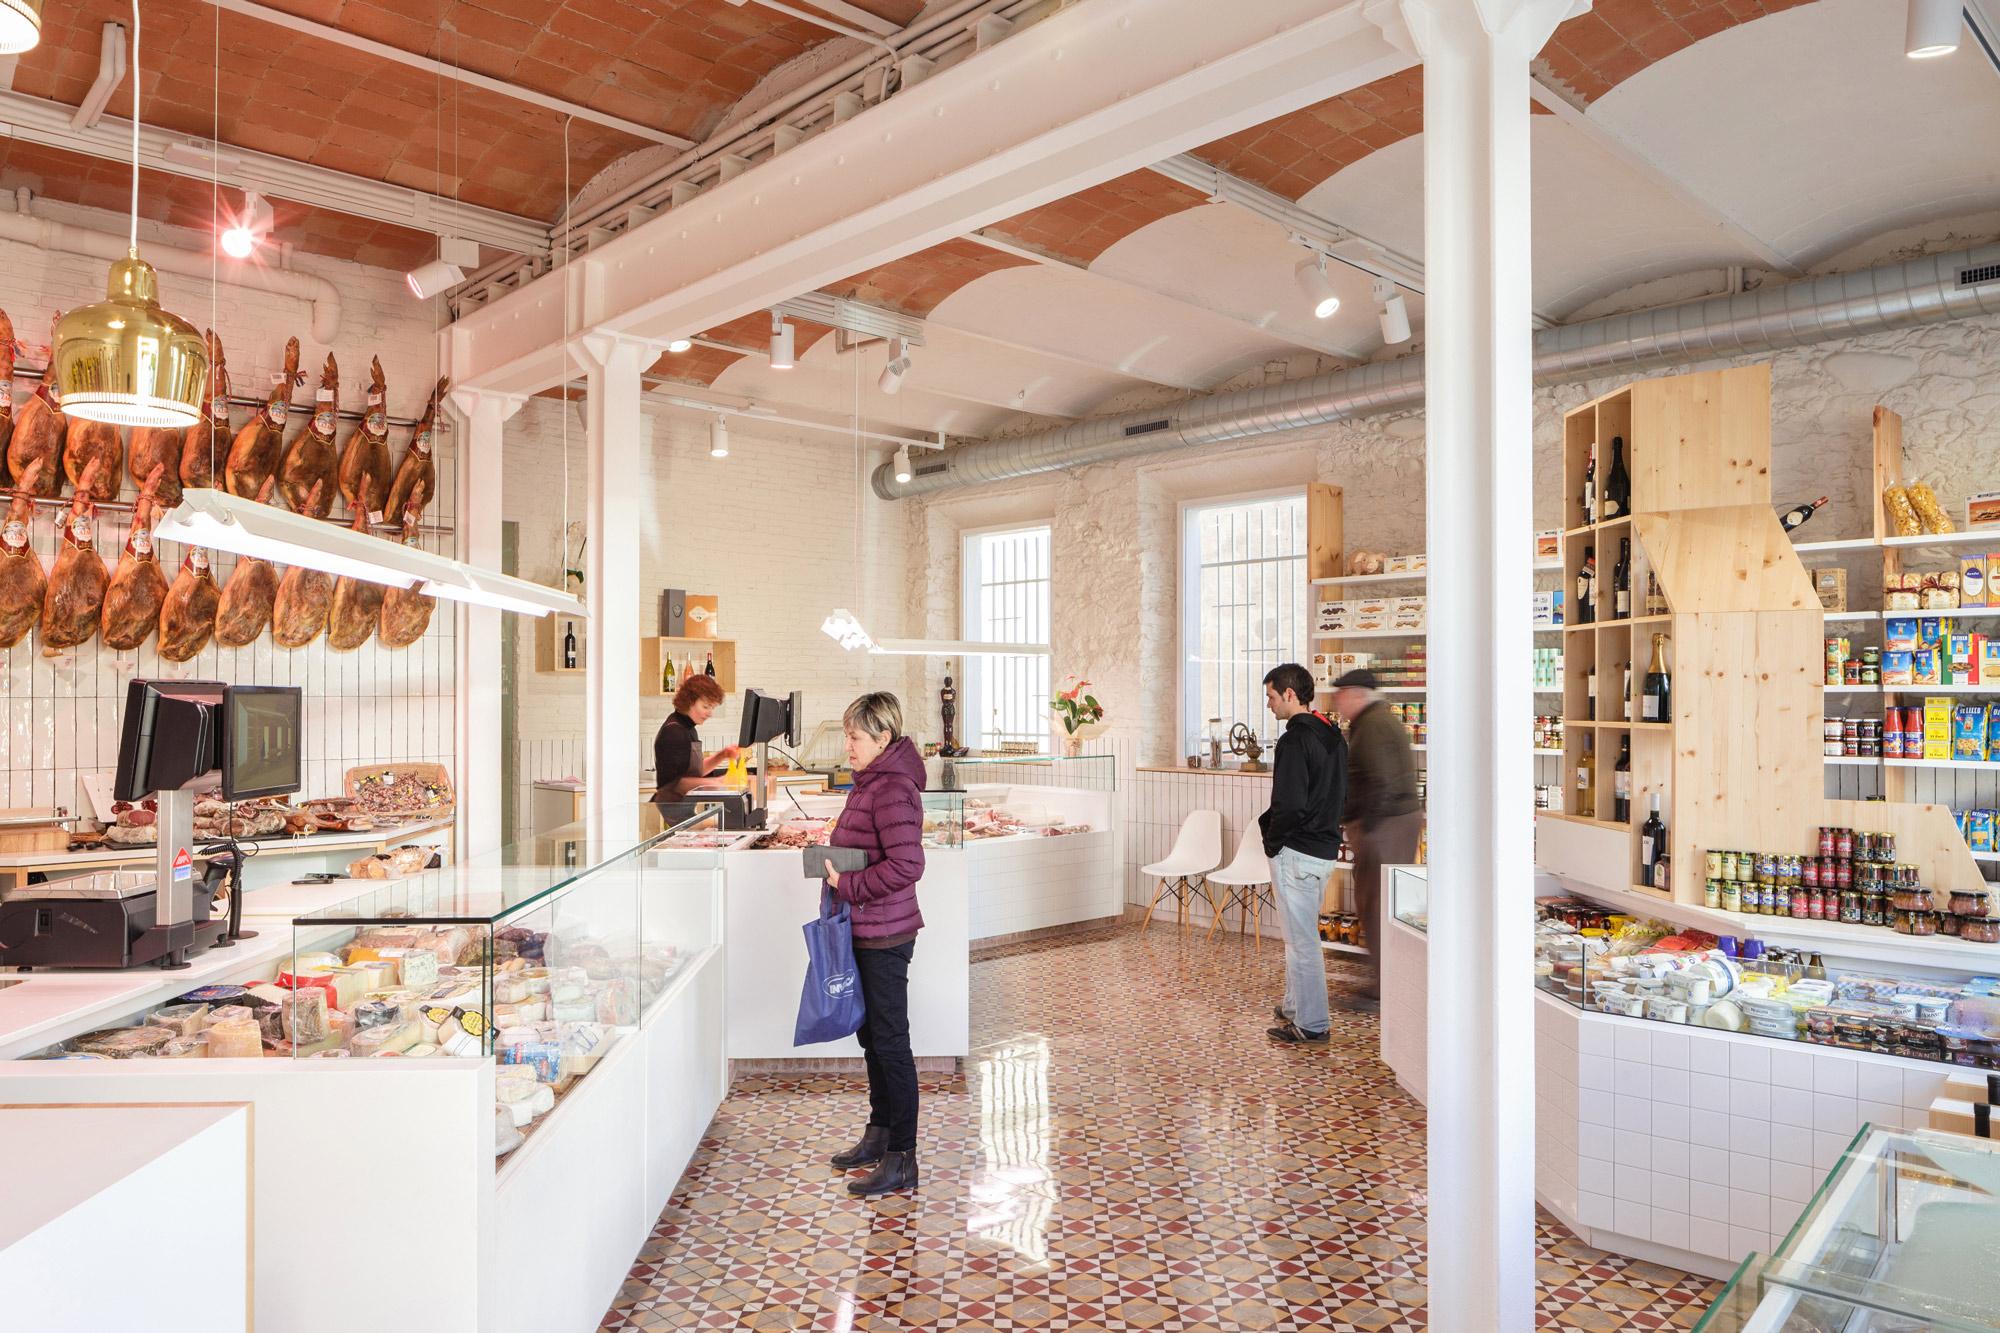 Vista interior. Carnicería Germans Soler por Pau Sarquella. Fotografía © Joan Guillamat y Pau Sarquella